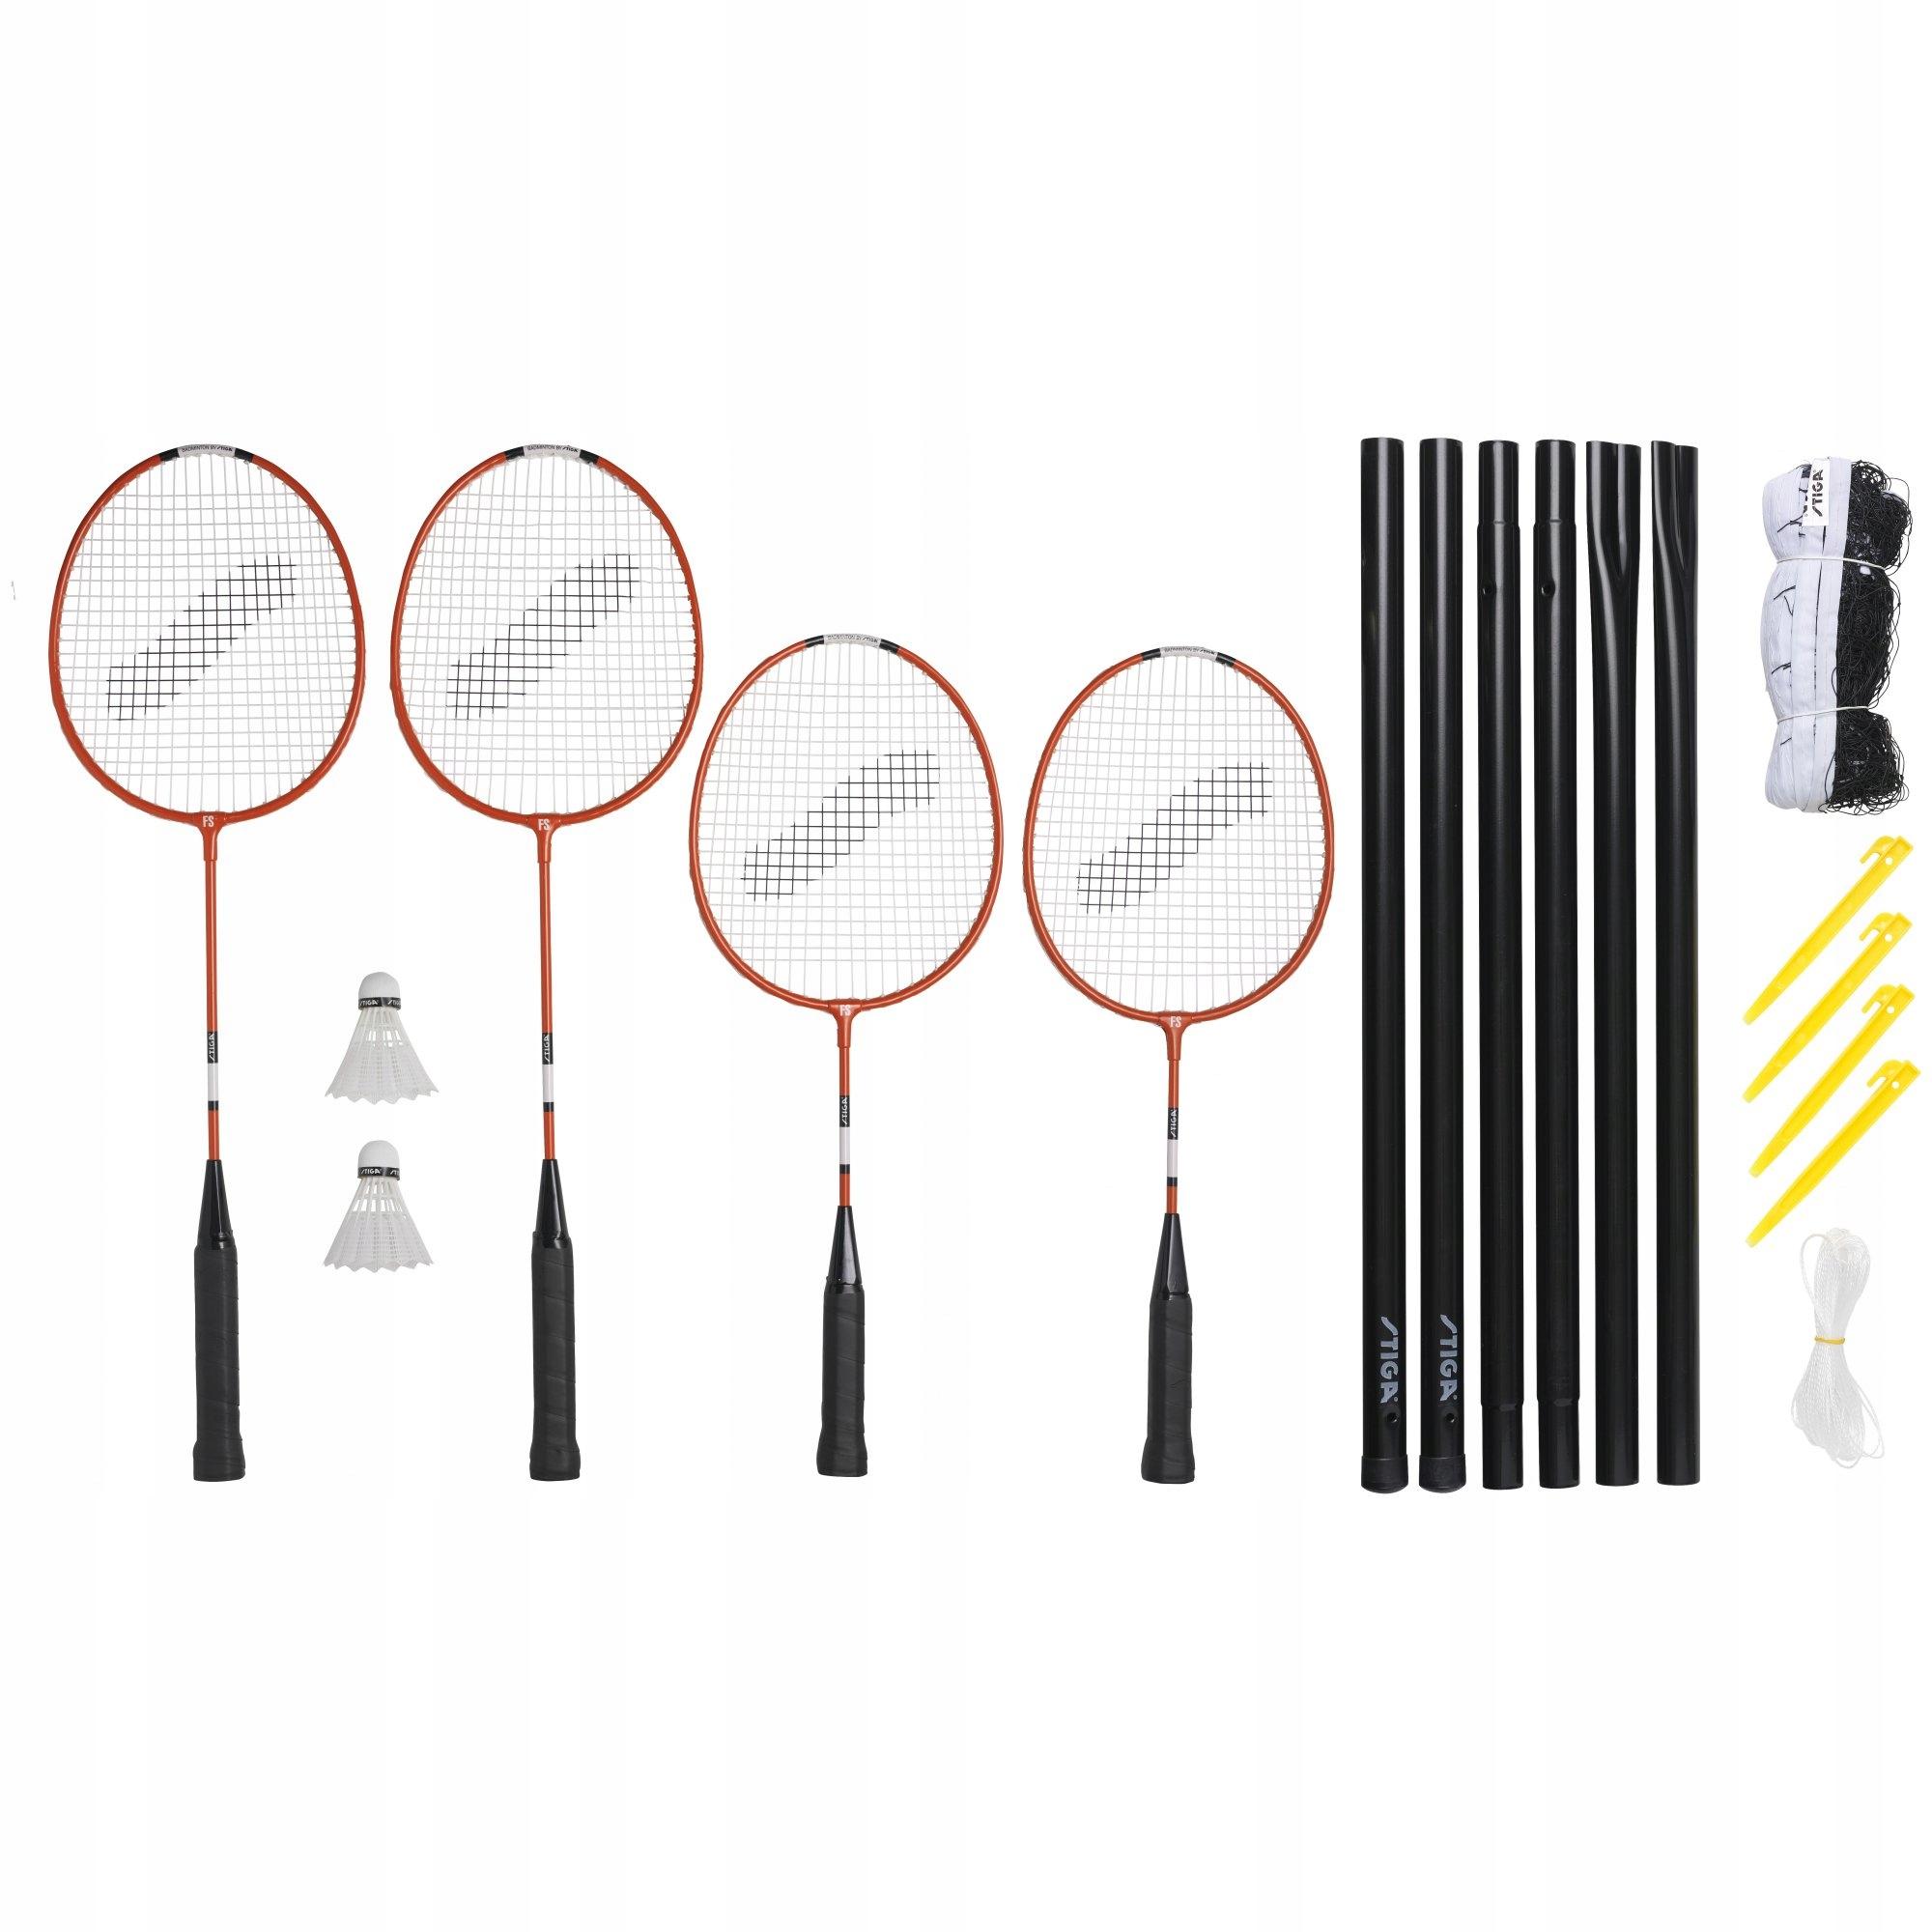 Badminton Stiga Family FS, STIGA COMET KIT